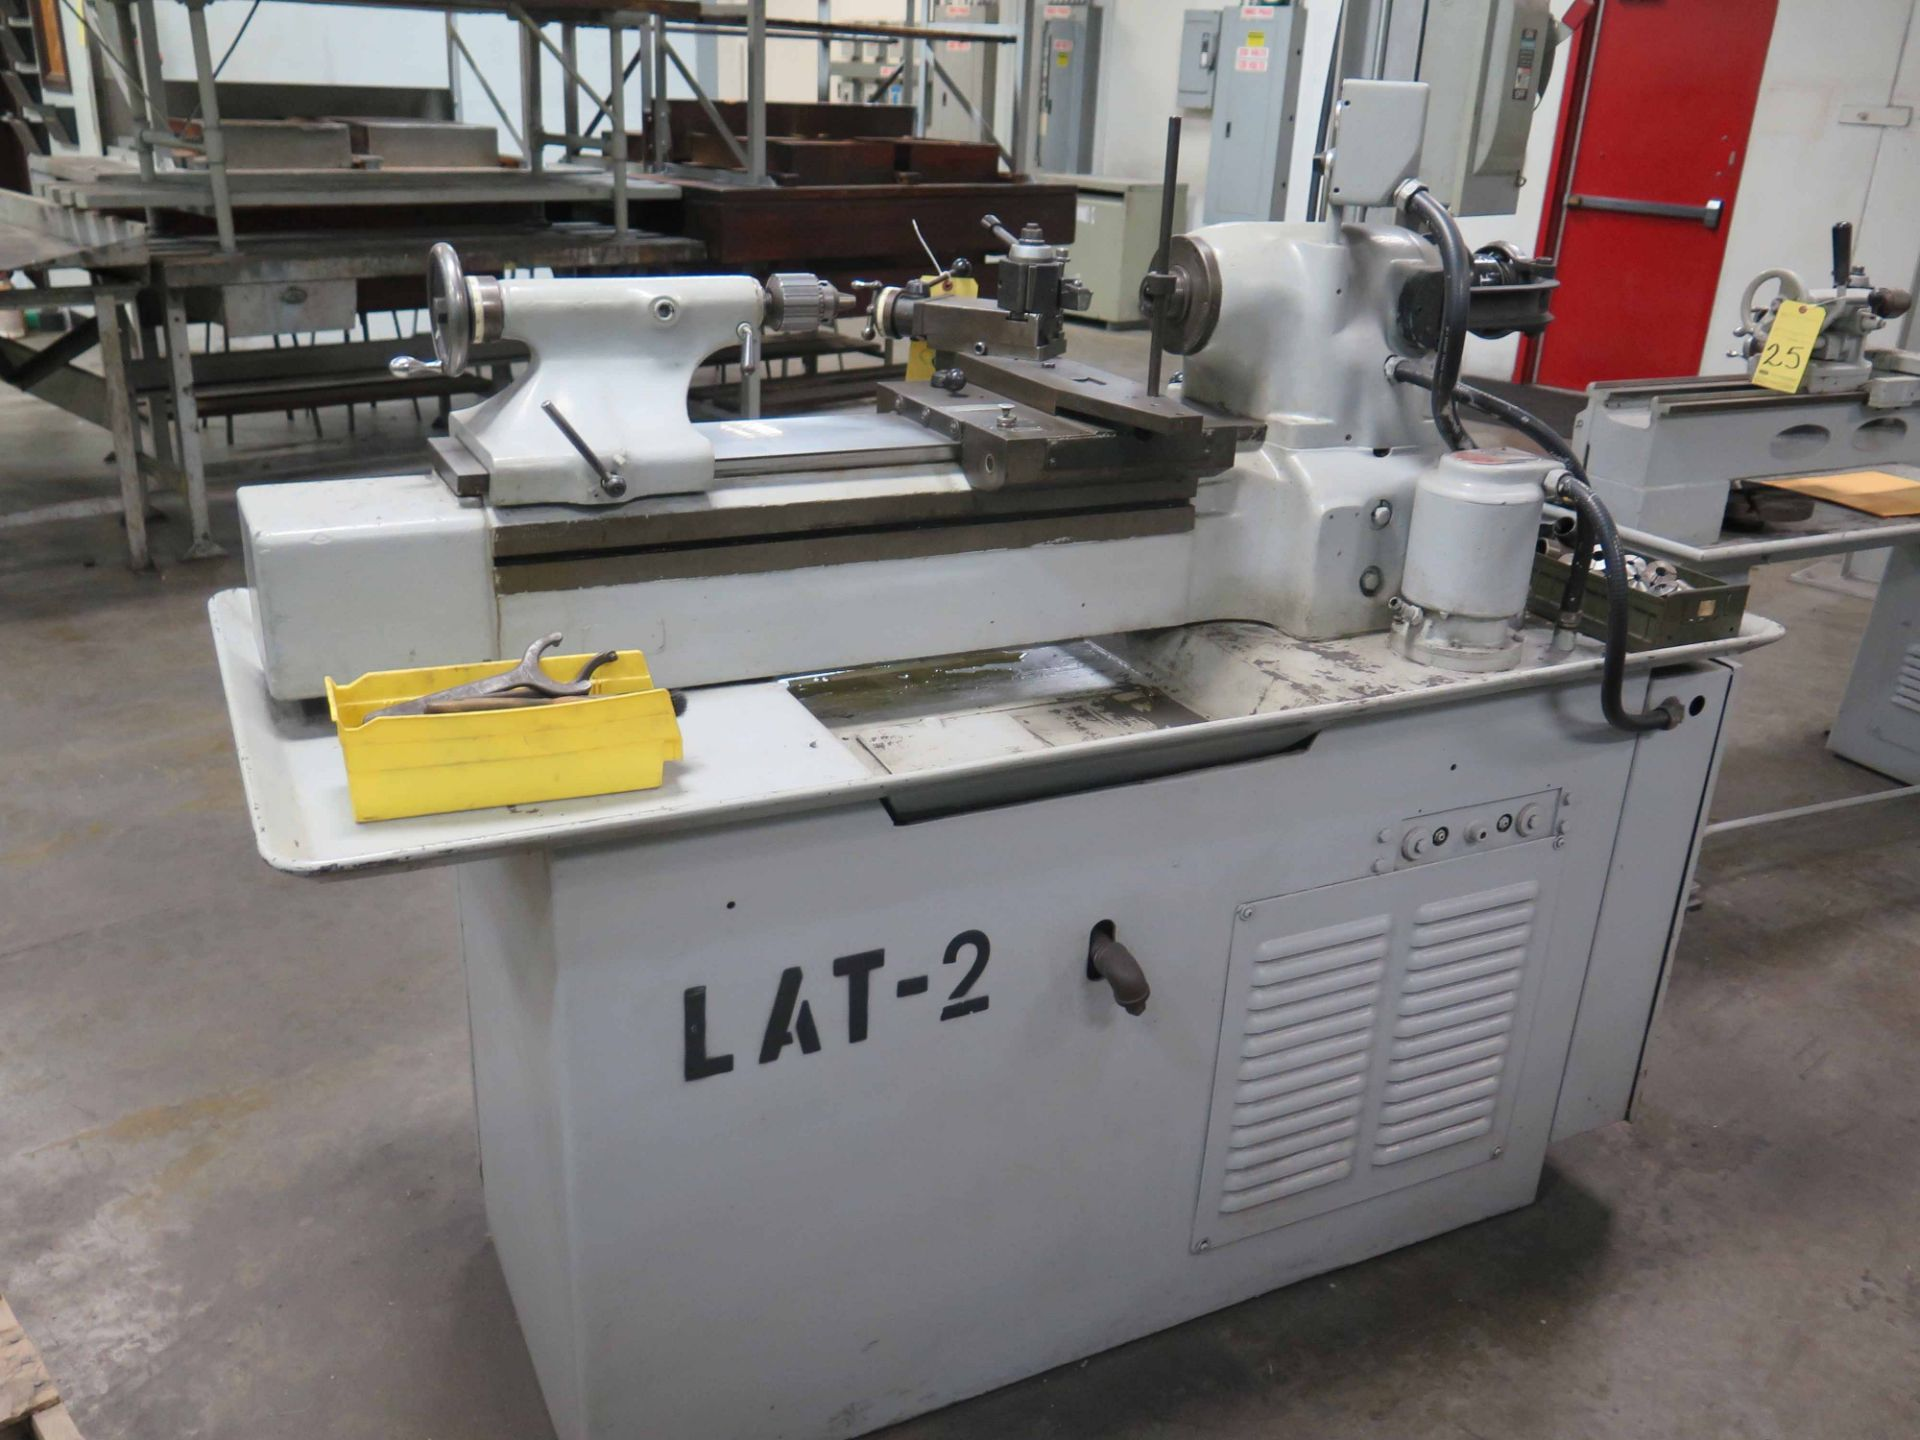 Lot 26 - TOOLROOM LATHE, HARDINGE MDL. TFB-H, 1-1/2 HP motor, 220 v., 3 phase, collet system, crosslide &